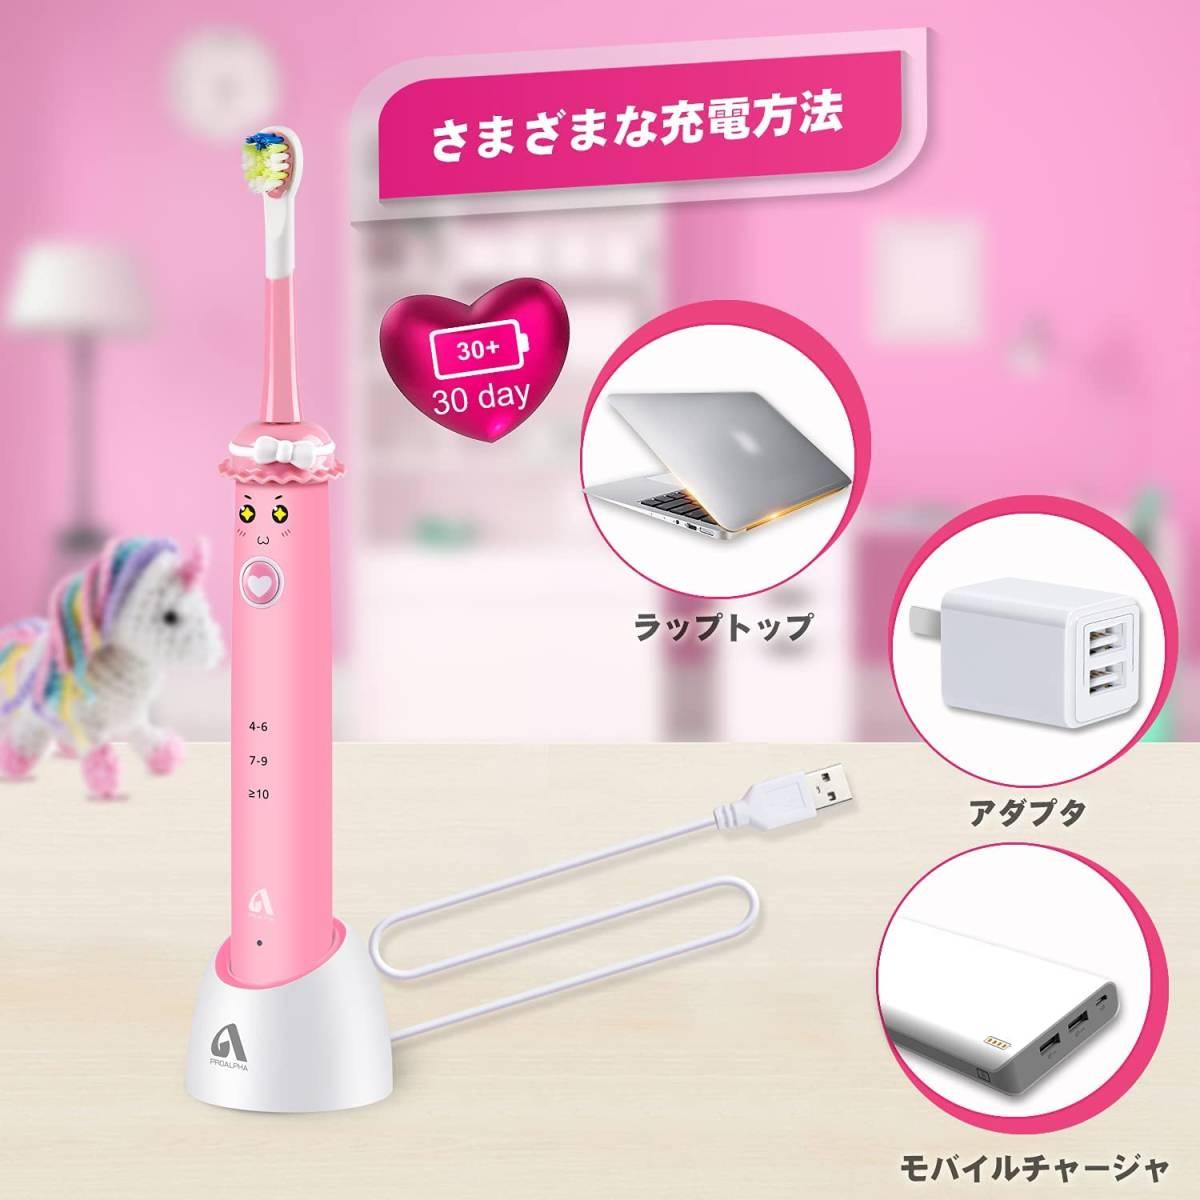 電動歯ブラシ 子供 音波歯ブラシ 虫歯予防 3モード切り替え